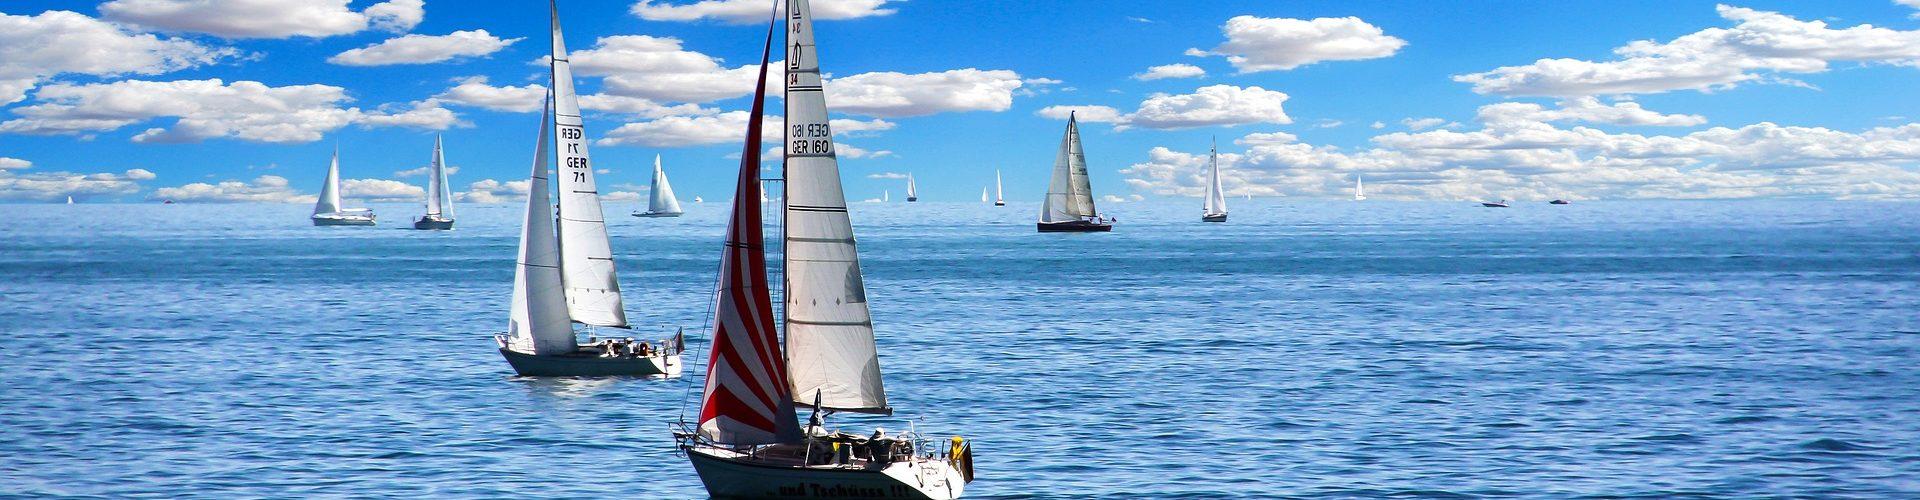 segeln lernen in Nürnberg segelschein machen in Nürnberg 1920x500 - Segeln lernen in Nürnberg